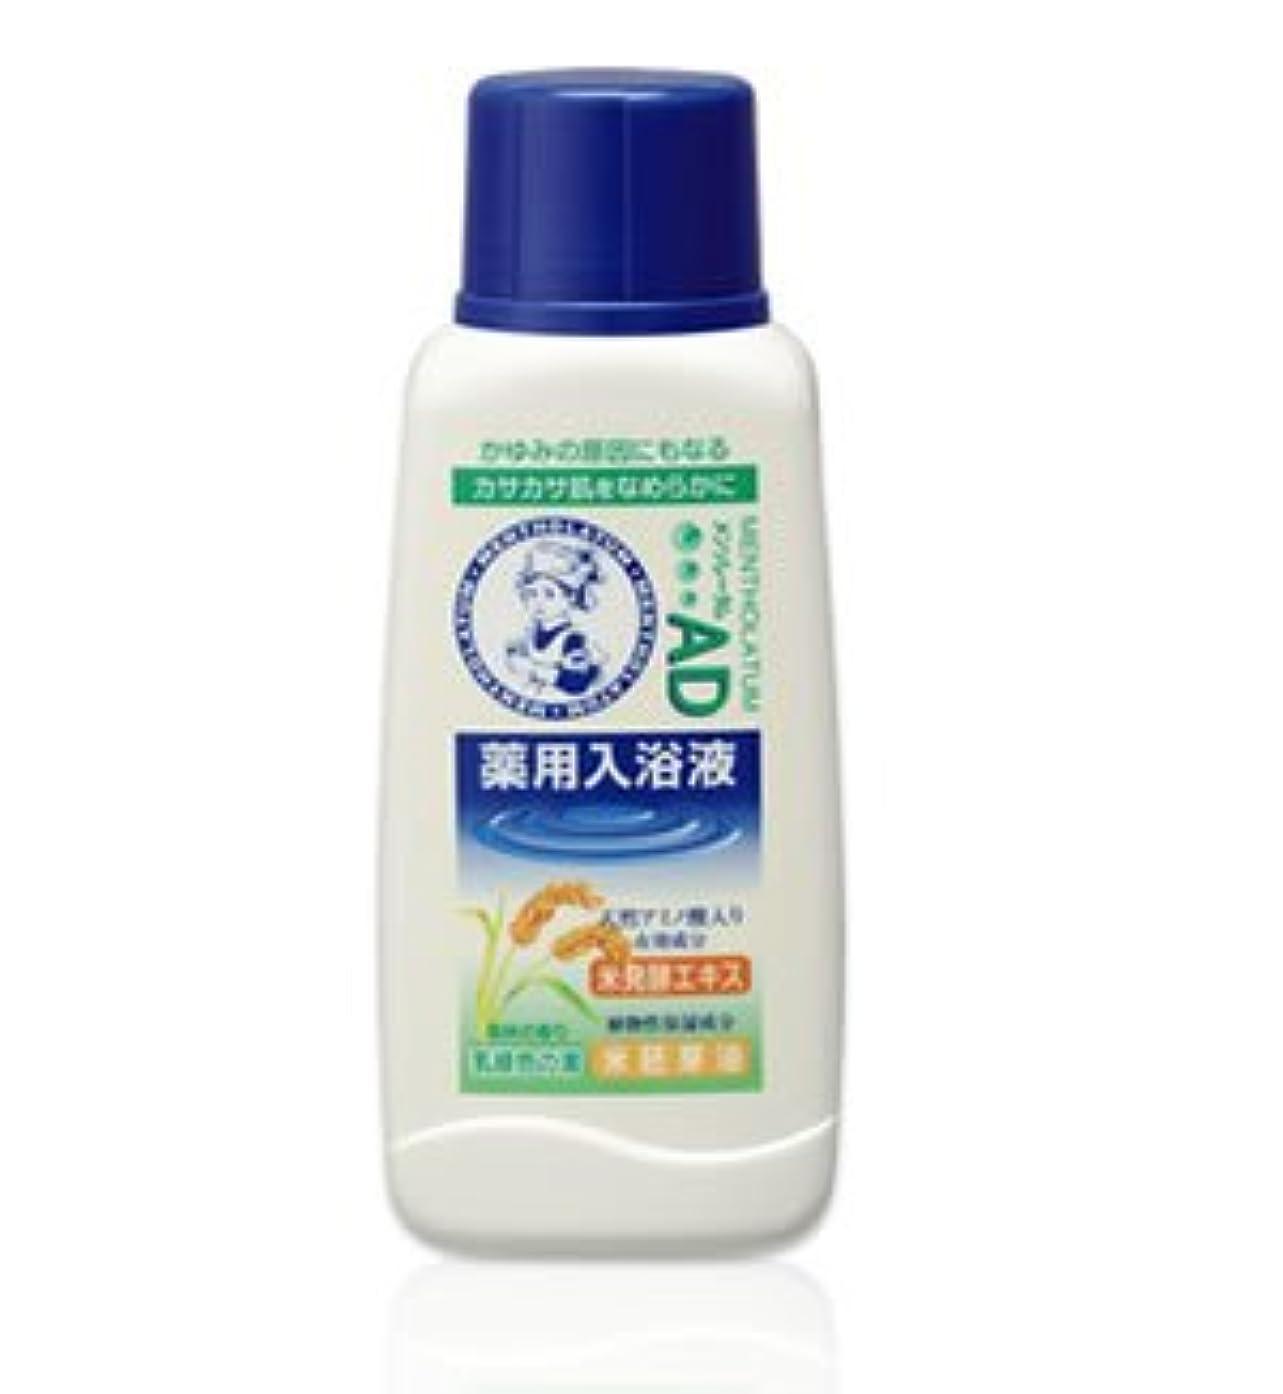 速い致命的防止(ロート)メンソレータム AD薬用入浴剤 森林の香り720ml(医薬部外品)(お買い得3本セット)